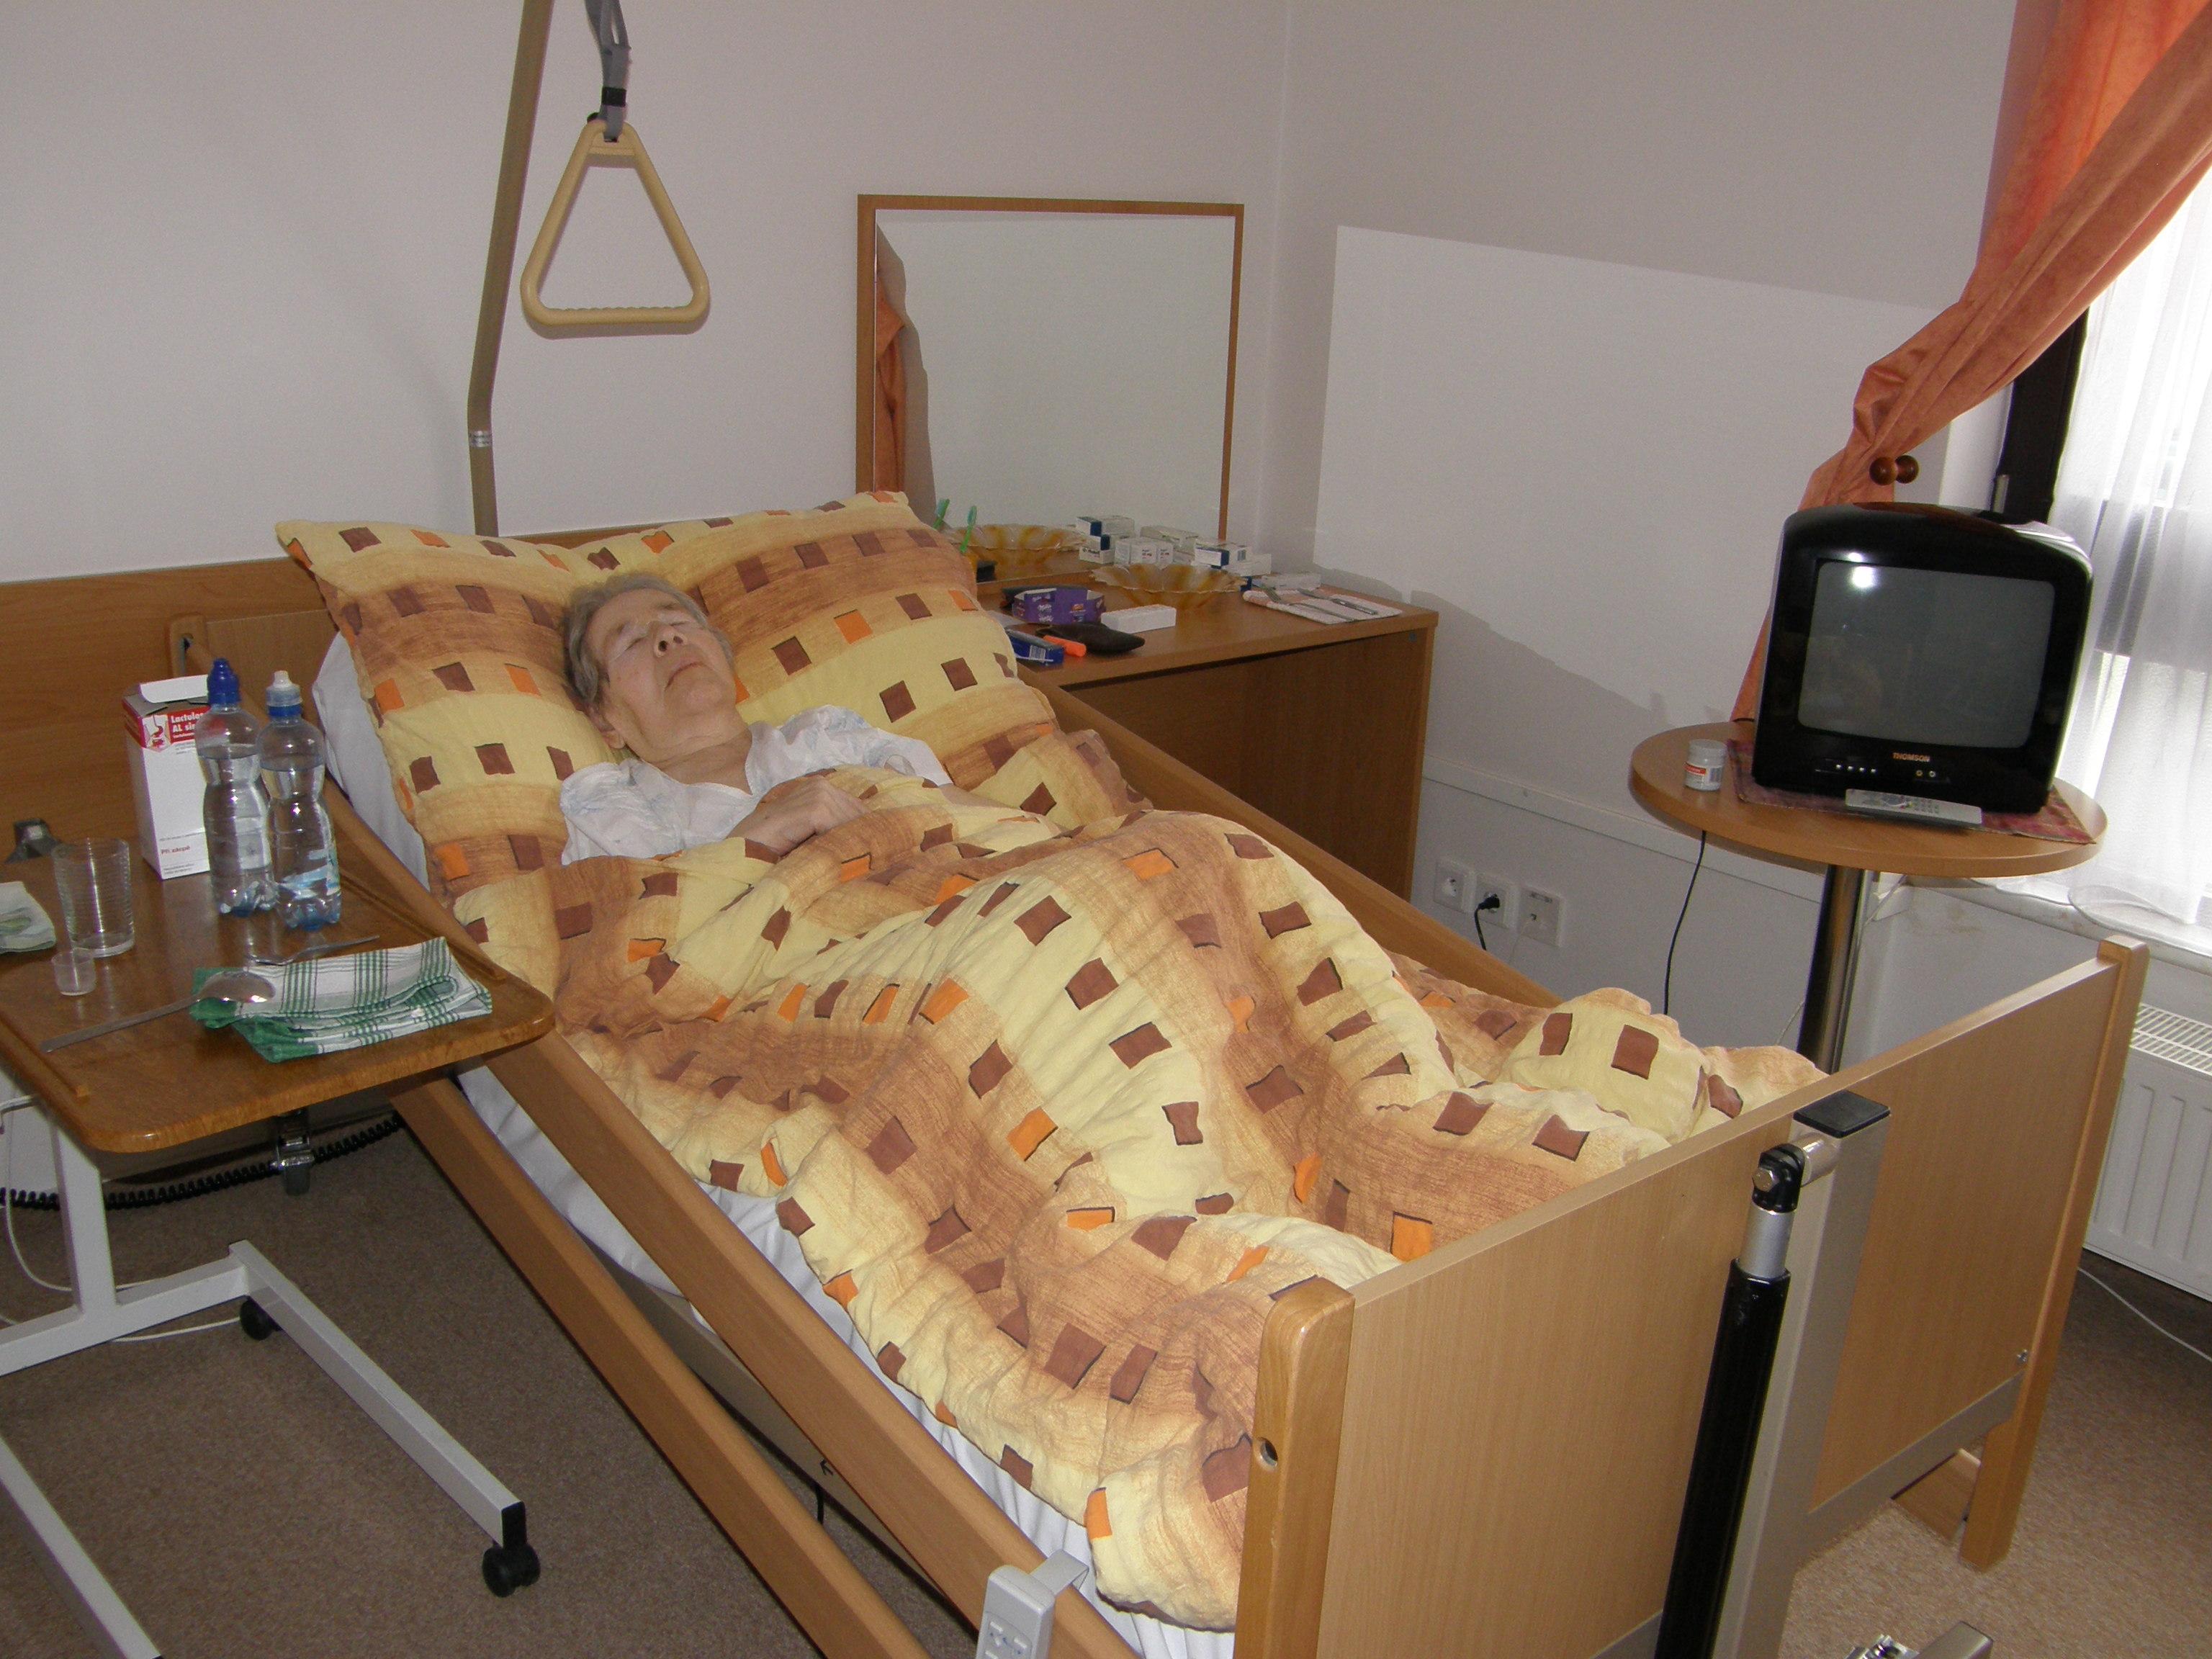 Penzion domov pro seniory bydlení pro důchodce domov důchodců Liberec Jablonec.